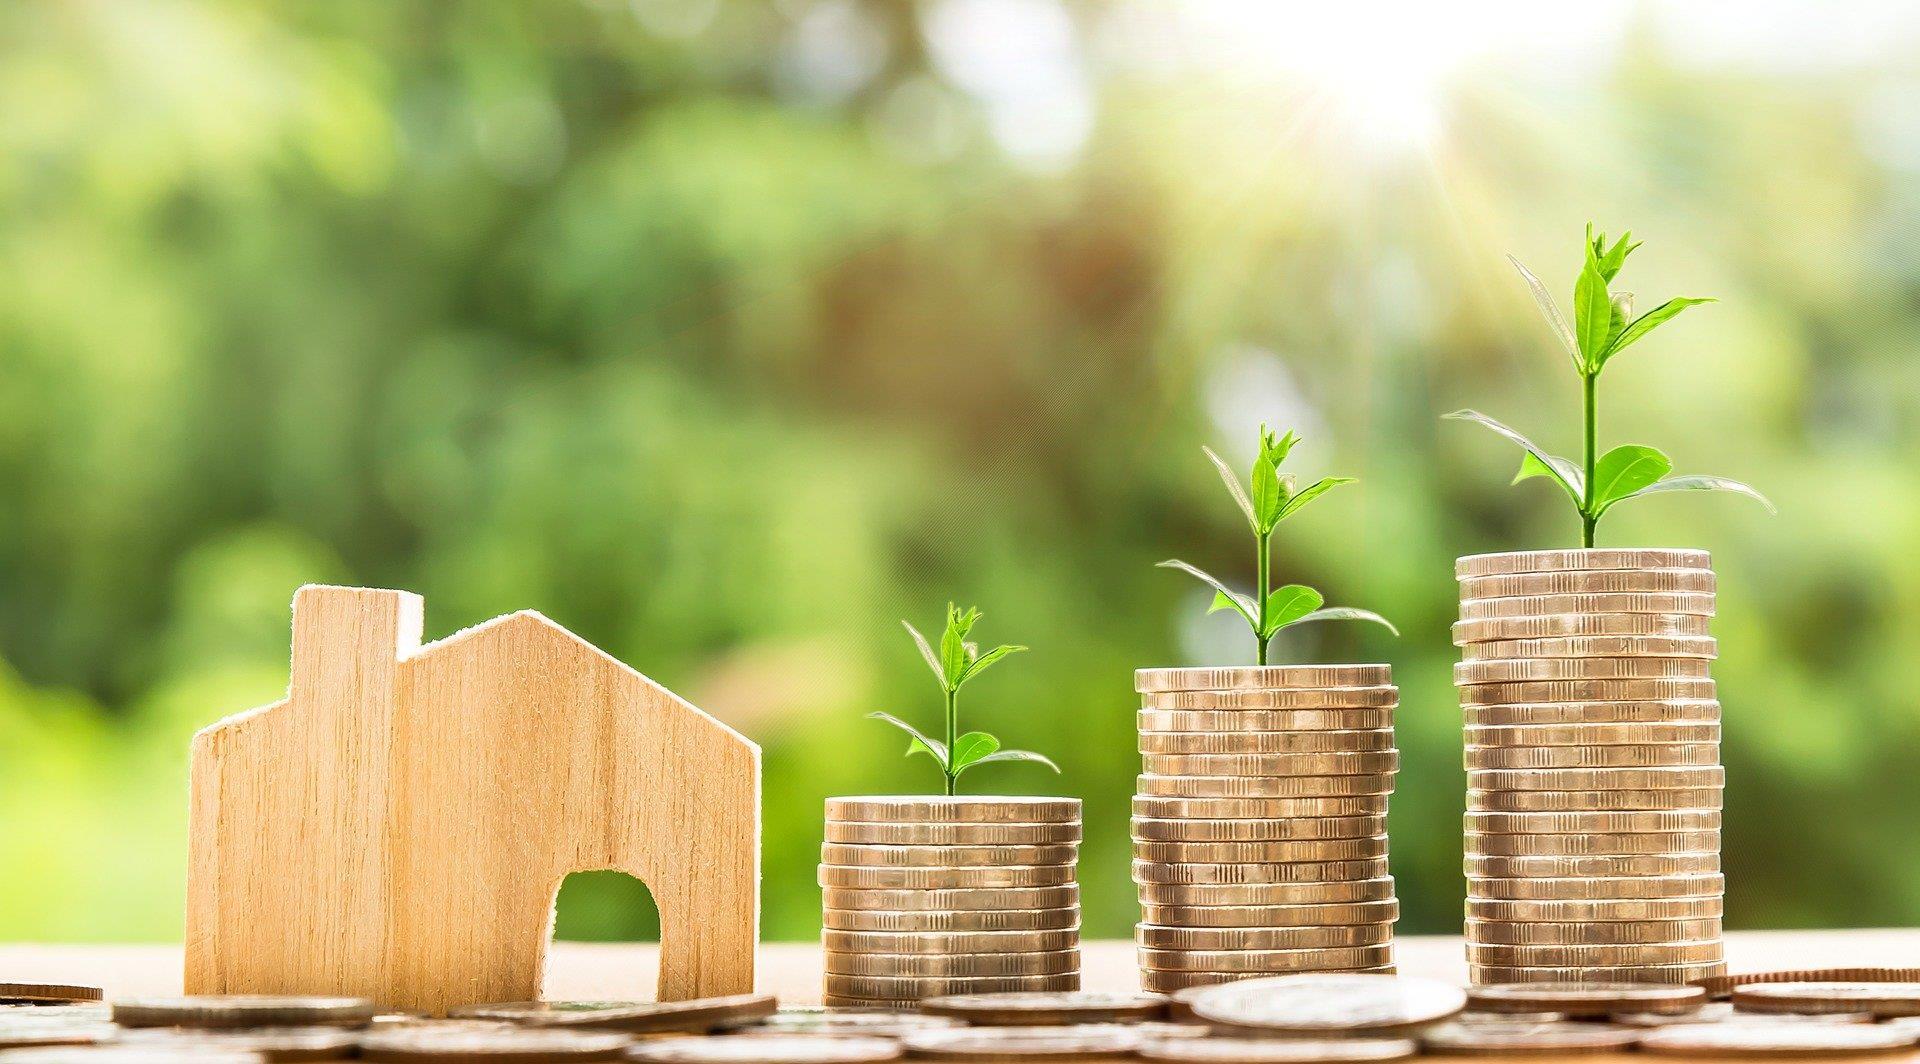 comprar casa no interior vale a pena